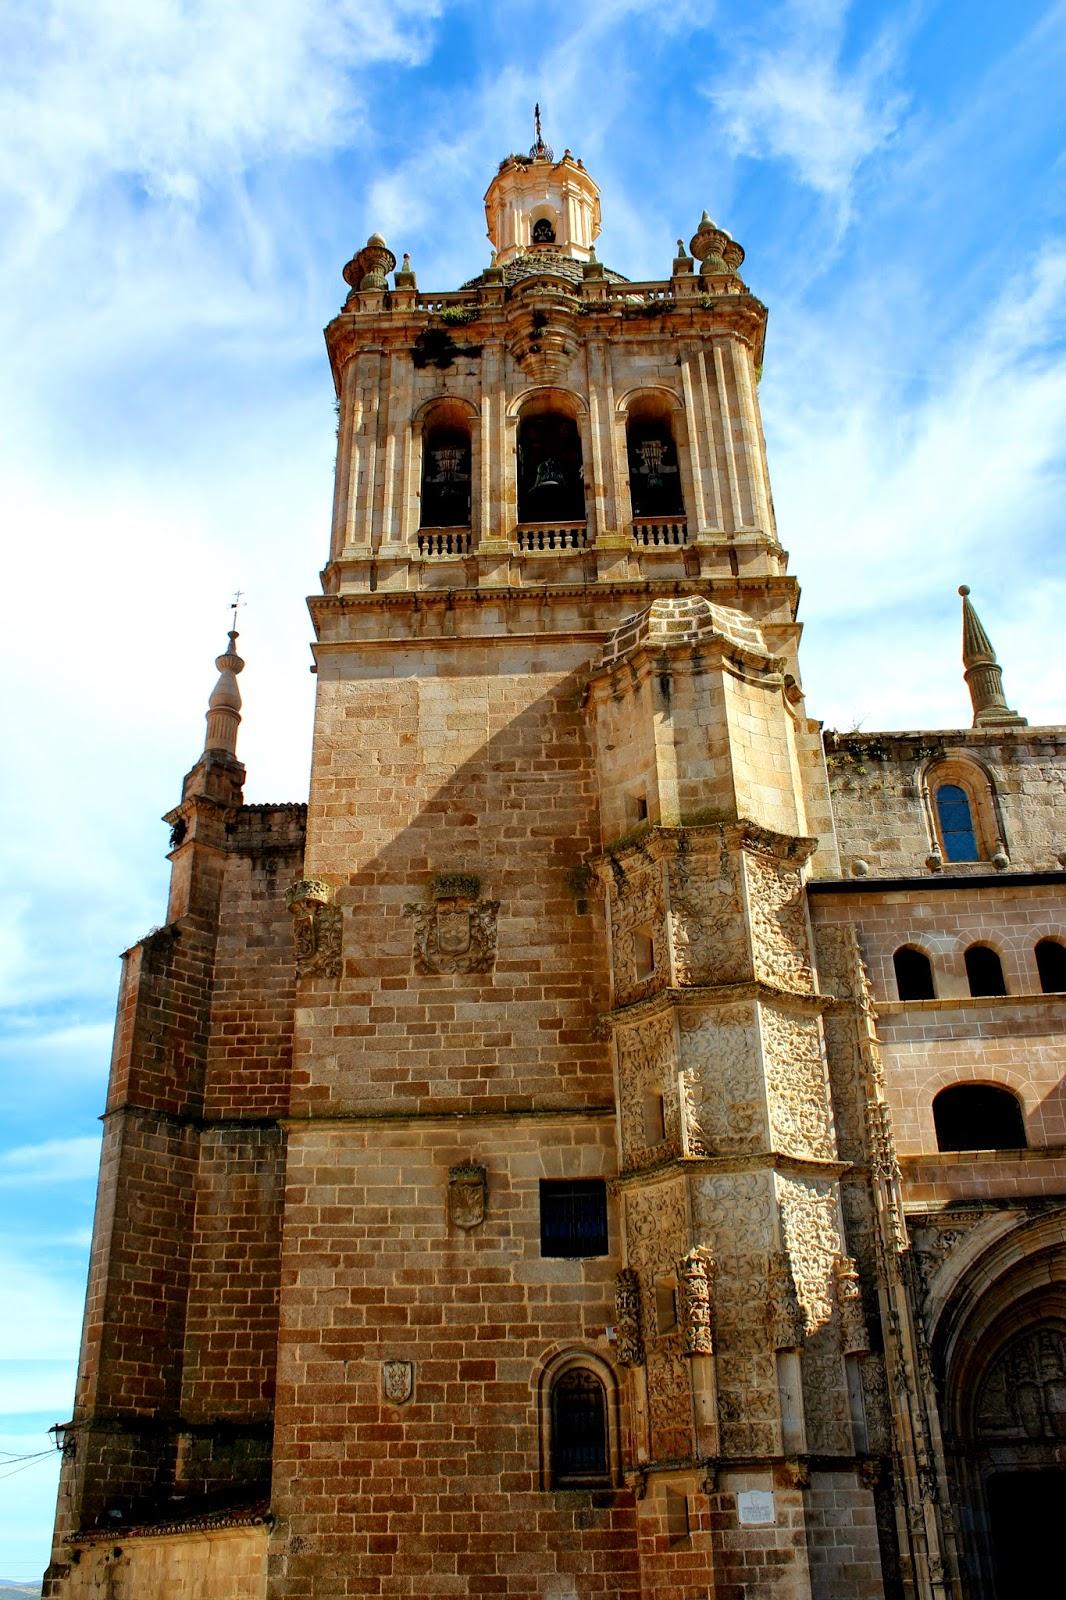 Torre campanario de la catedral de Coria